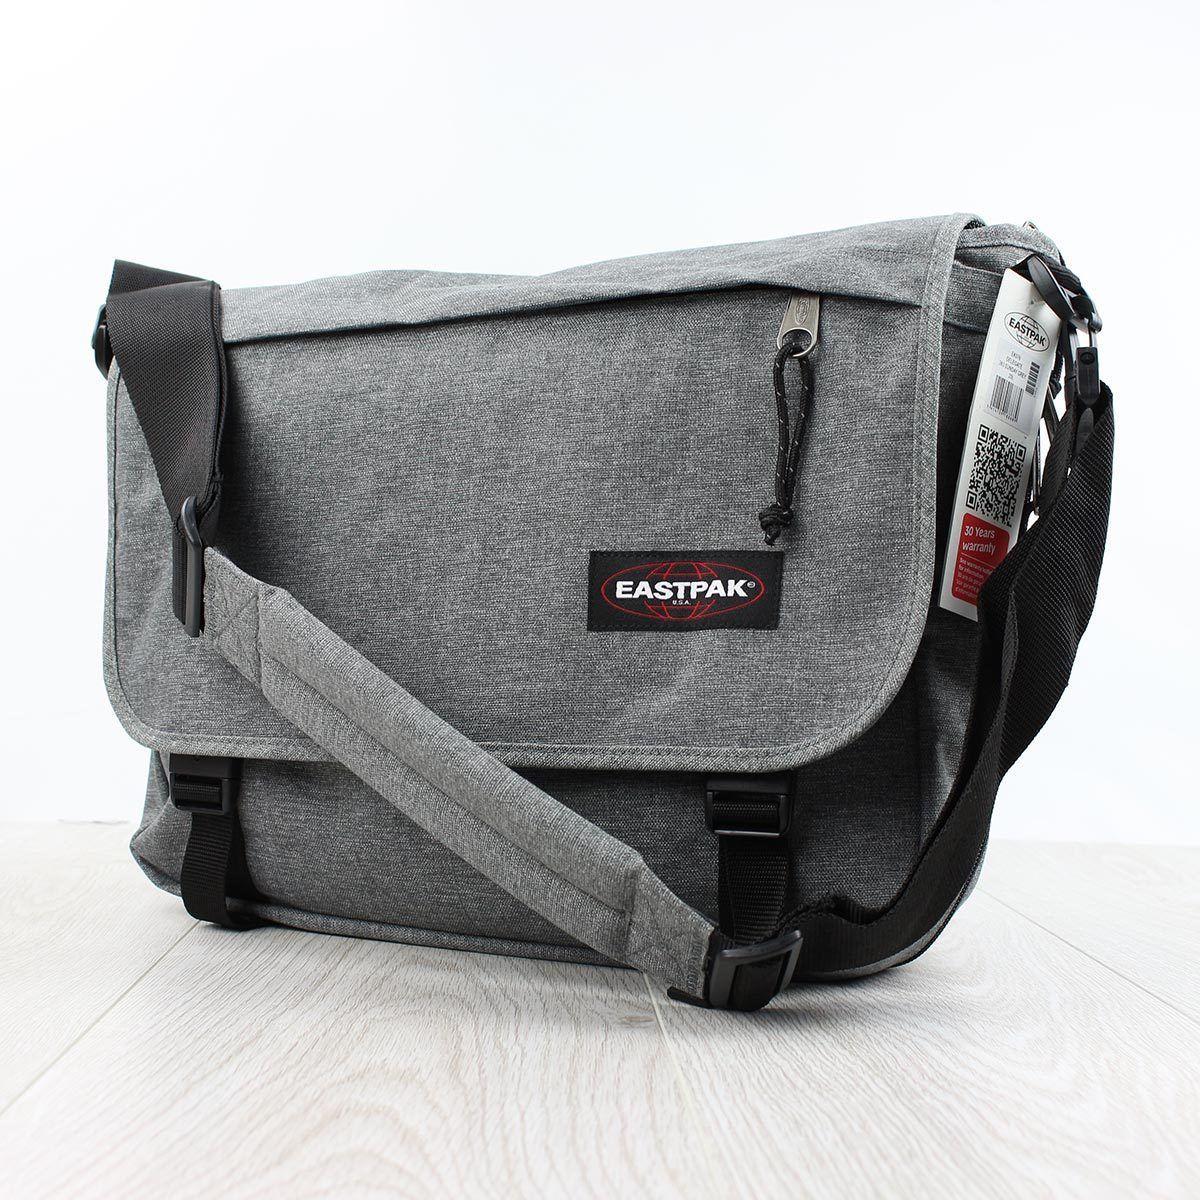 eastpak shoulder bag calvin klein shoulder bag fossil shoulder bag